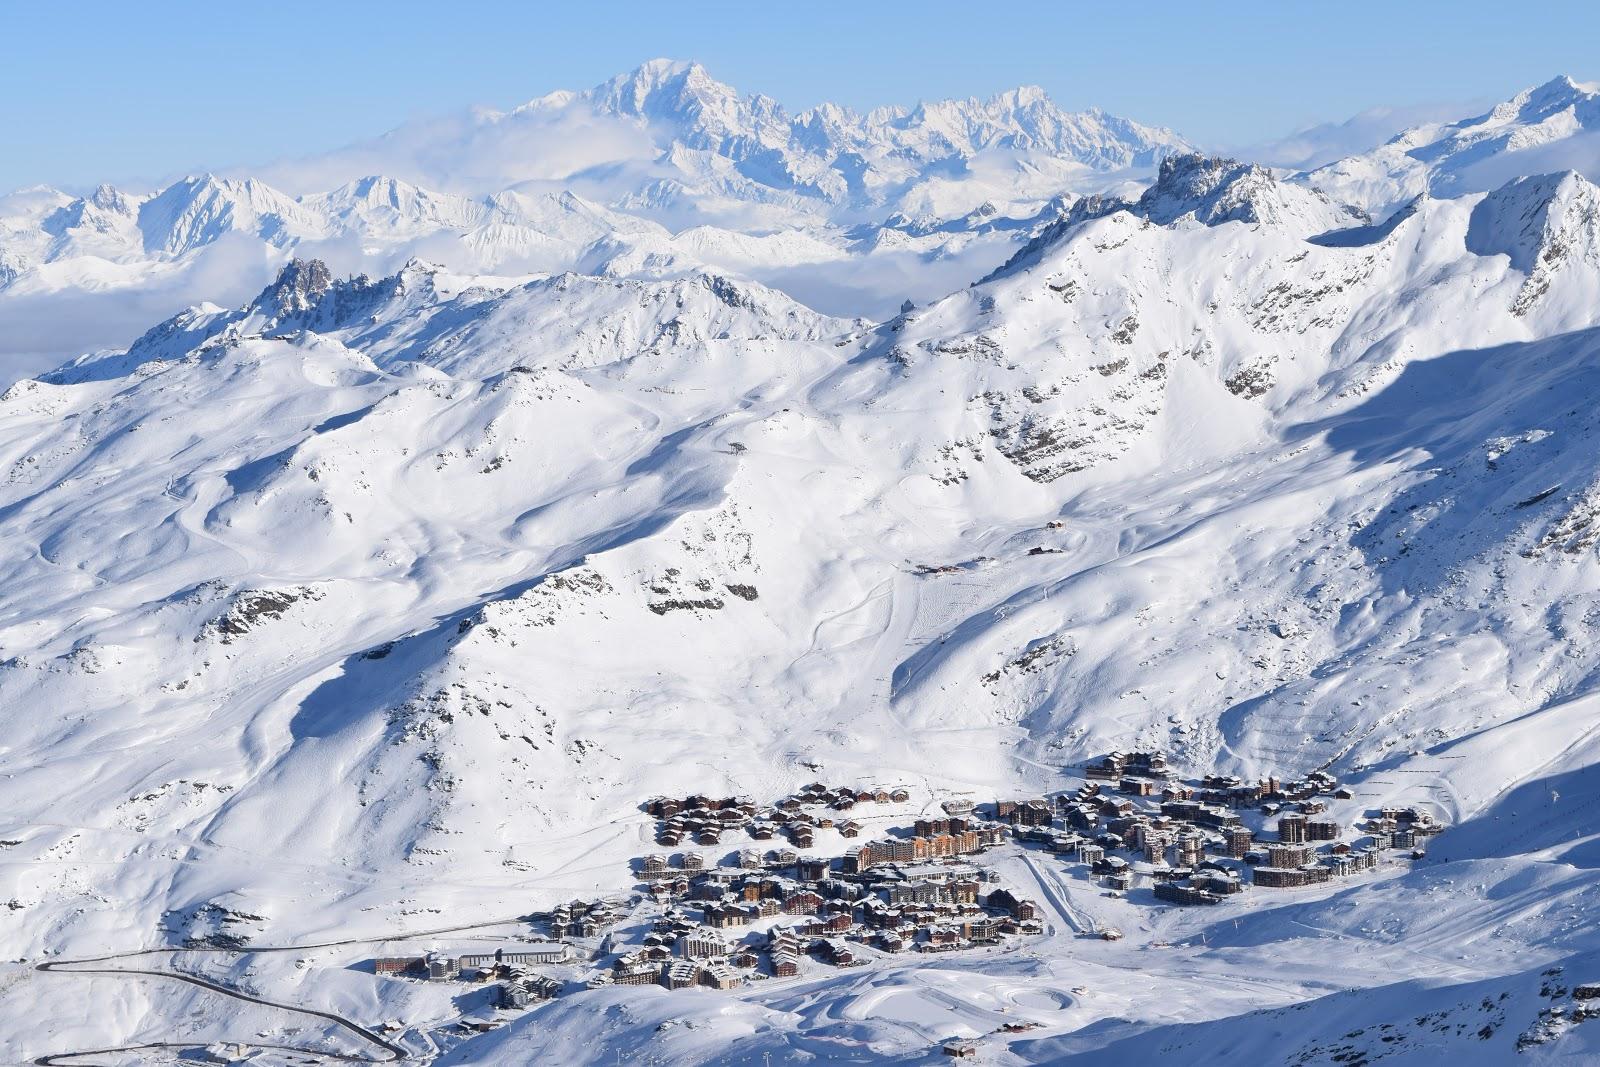 Vista de Val Thorens desde as alturas